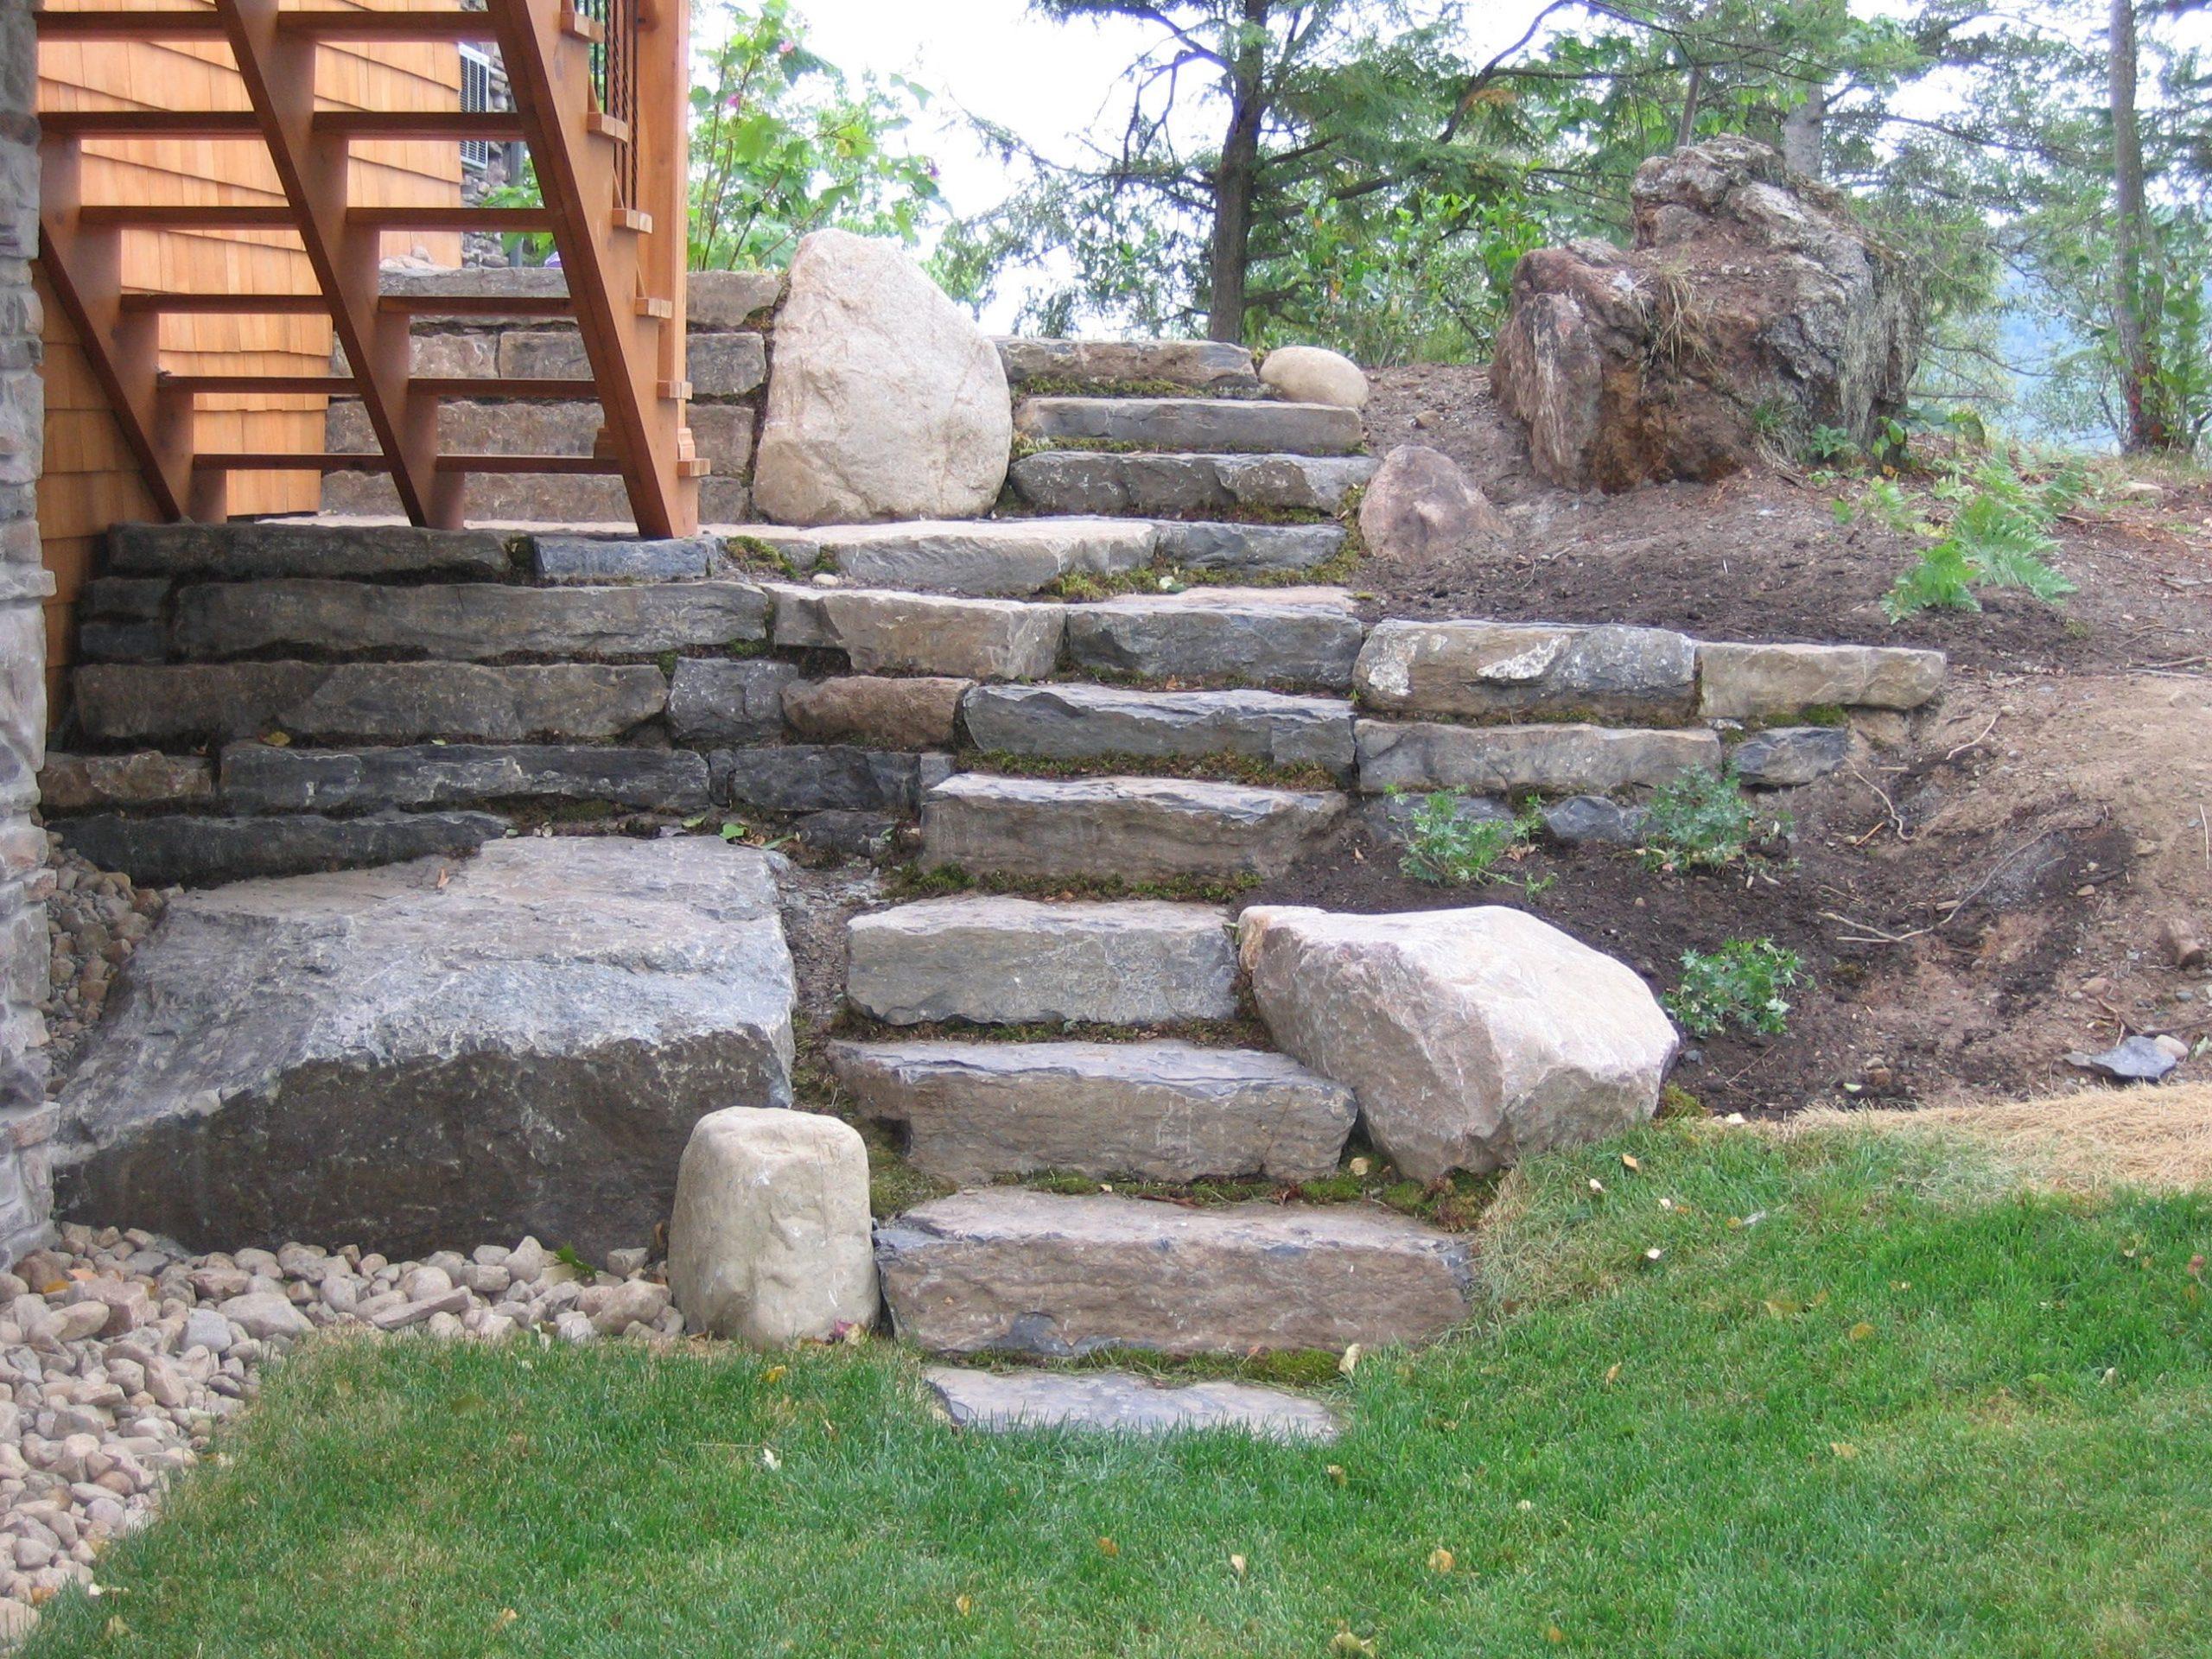 Escaliers Réalisés Avec Des Grosses Pierres Naturelles ... destiné Amenagement Jardin Avec Pierres